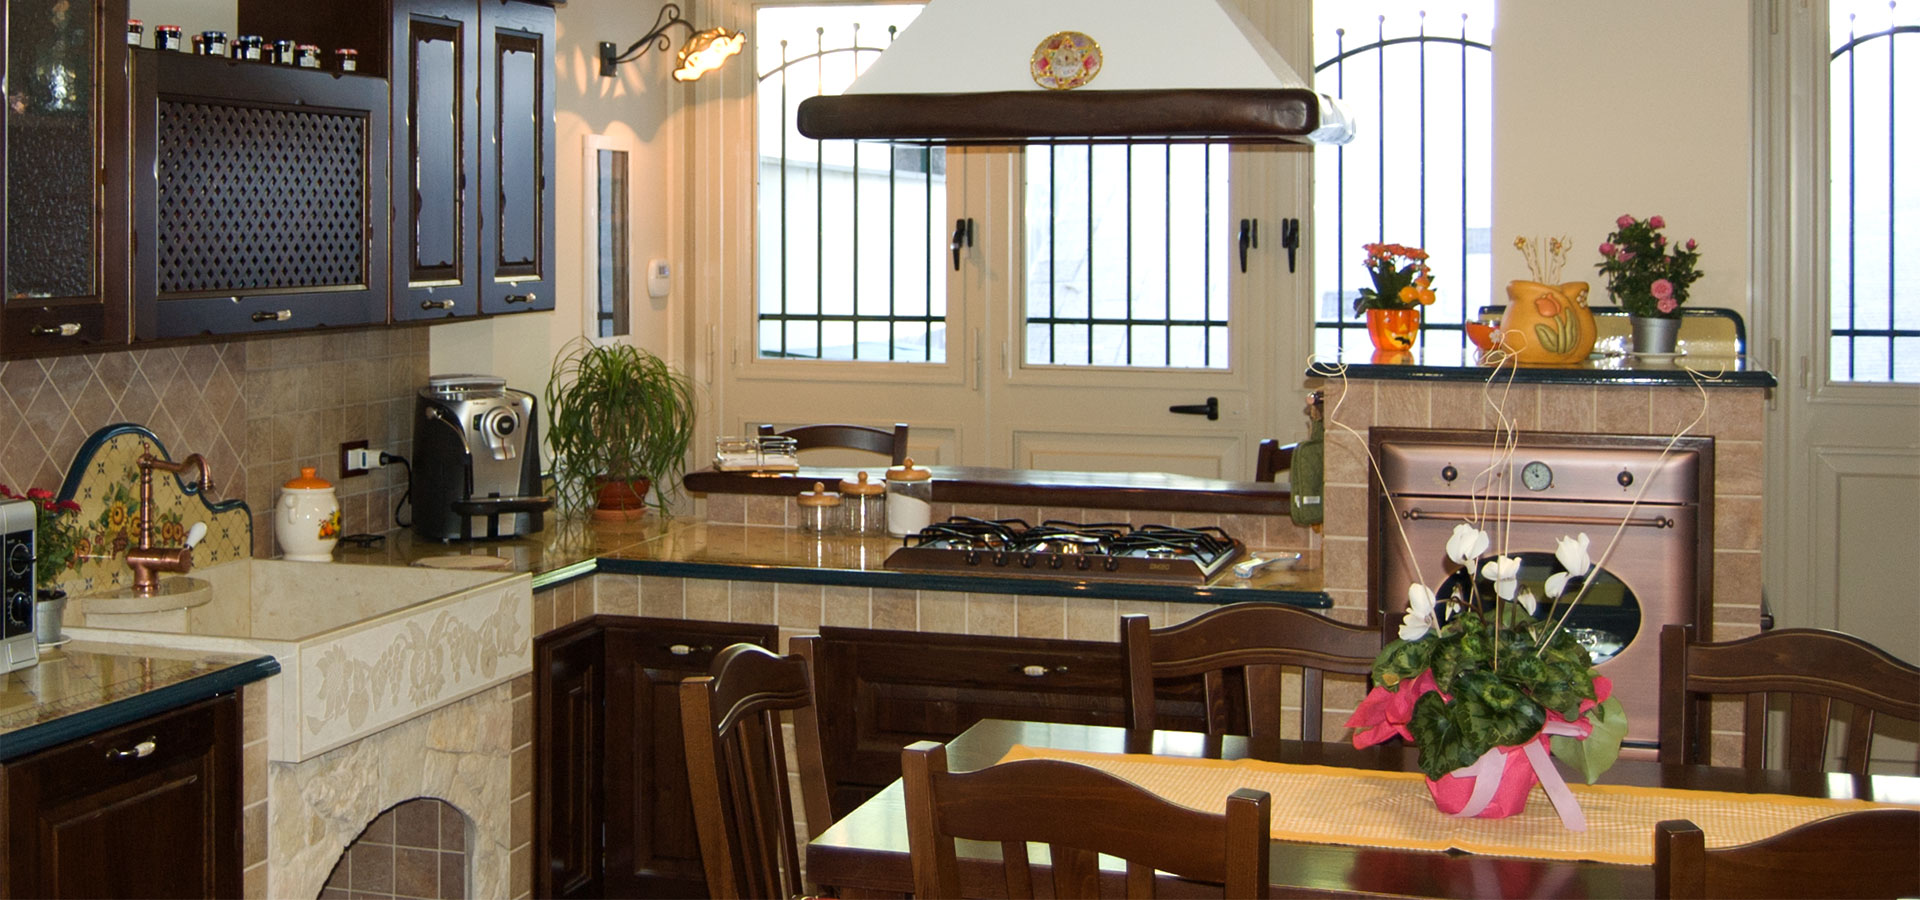 Cucine Borgo Antico: Cucine in legno massello | Modello Borgo Antico